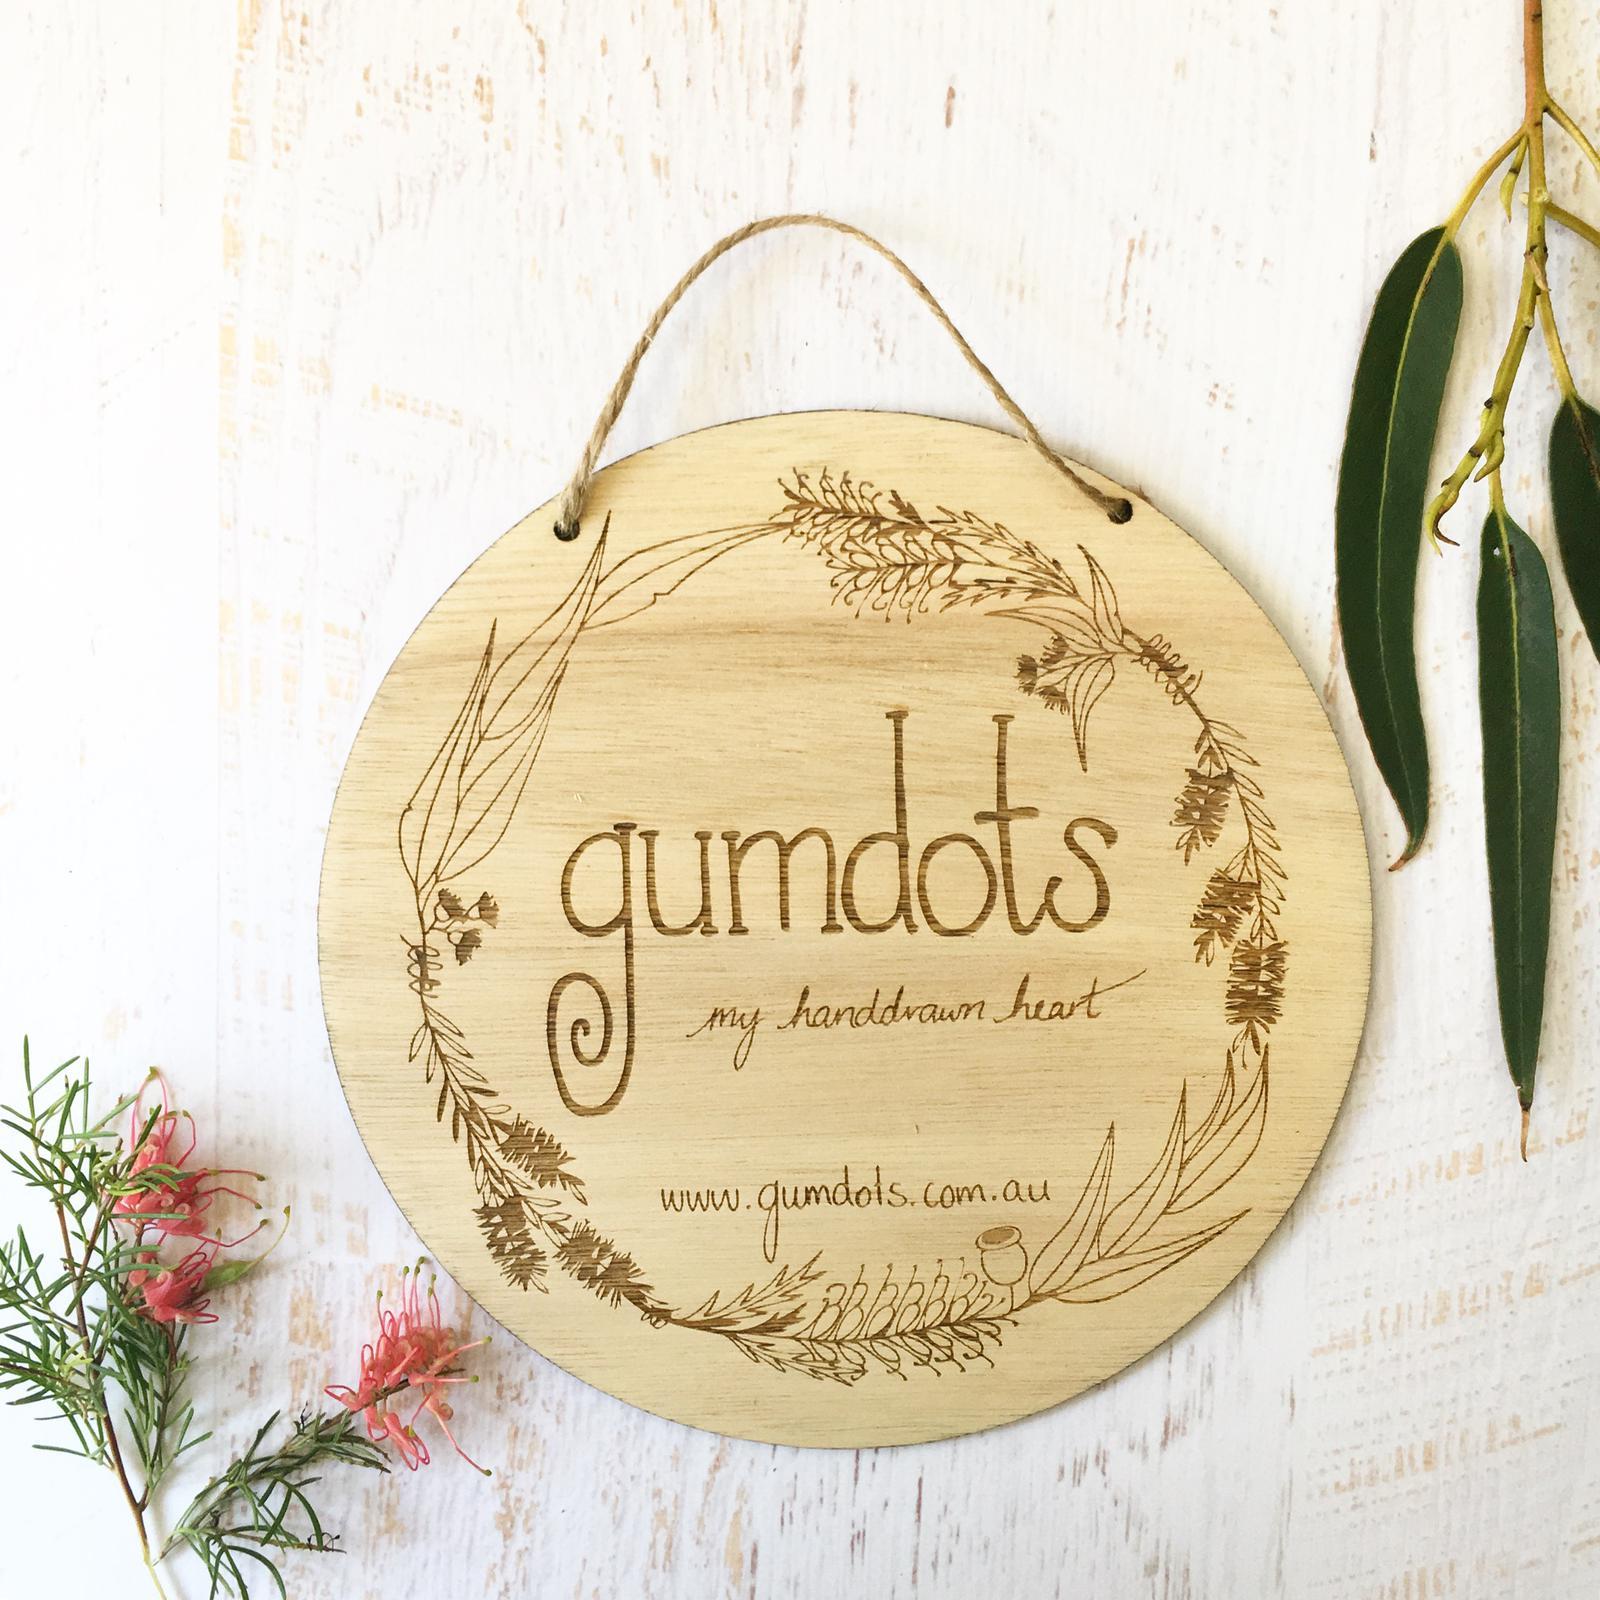 logo- gumdots stall sign